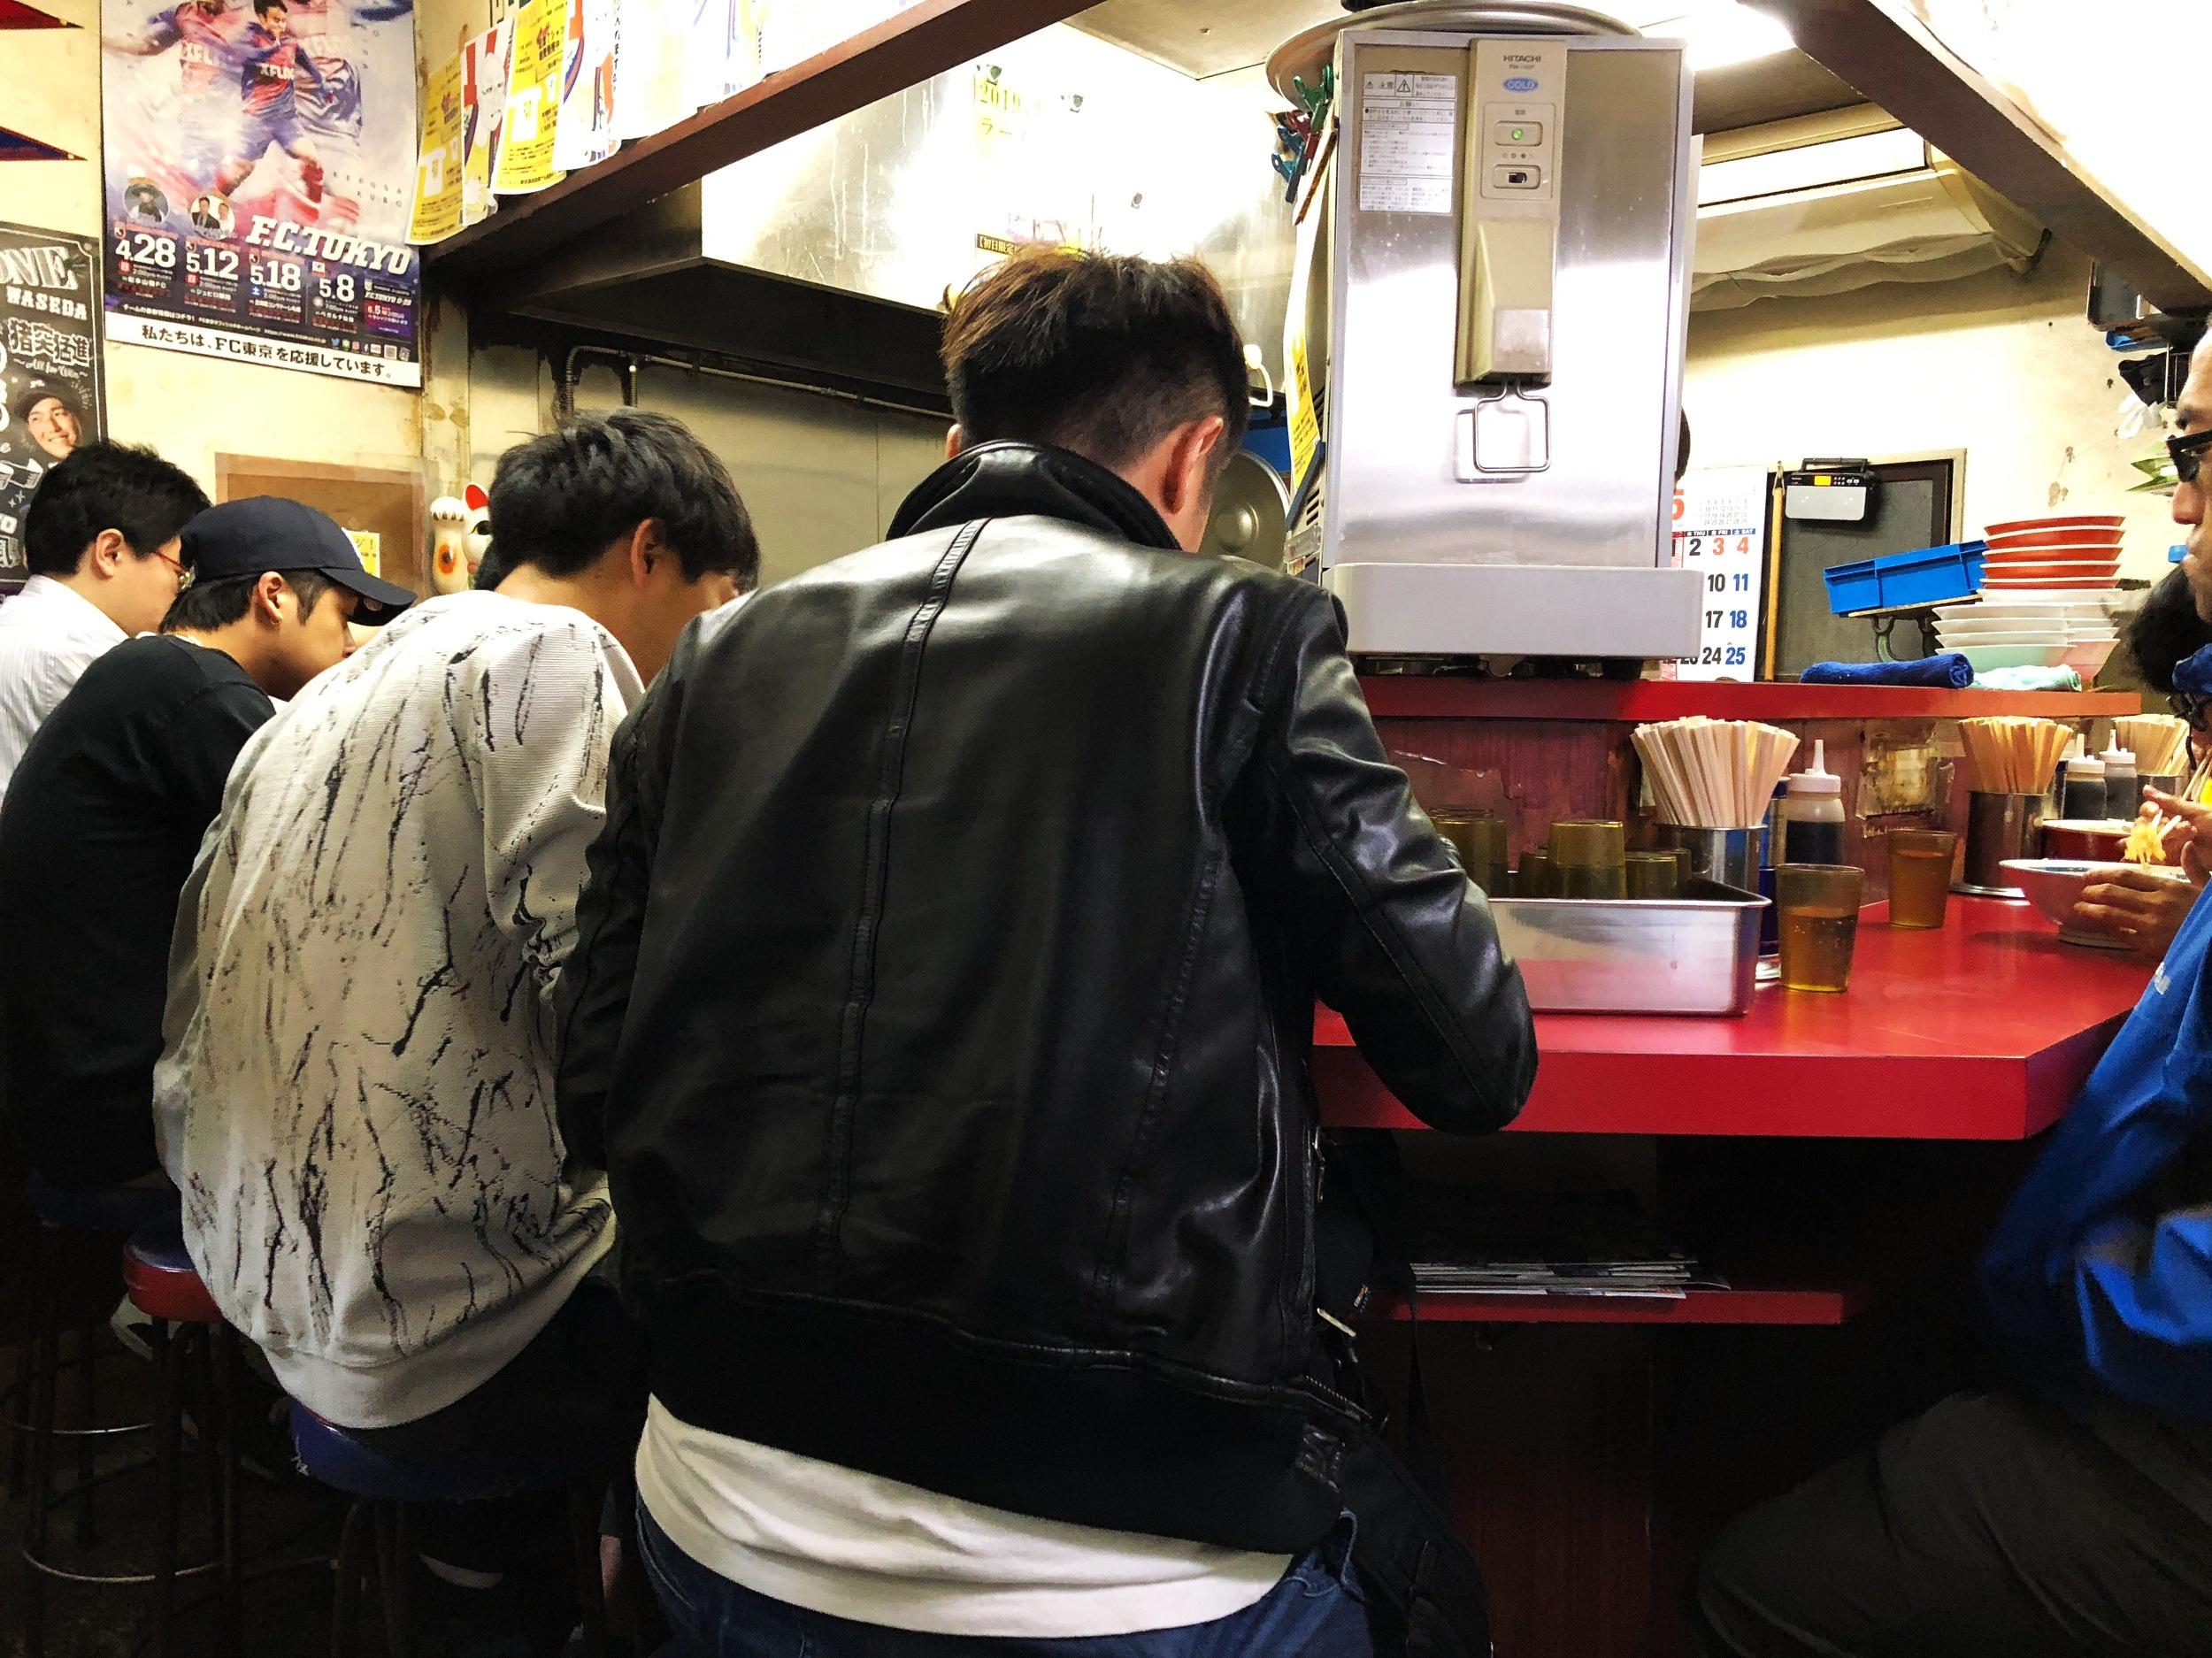 ramen-ramenjiro-tokyo-japanfoodtour-japanfoodtrips-ramentour-tokyofoodtour.jpg